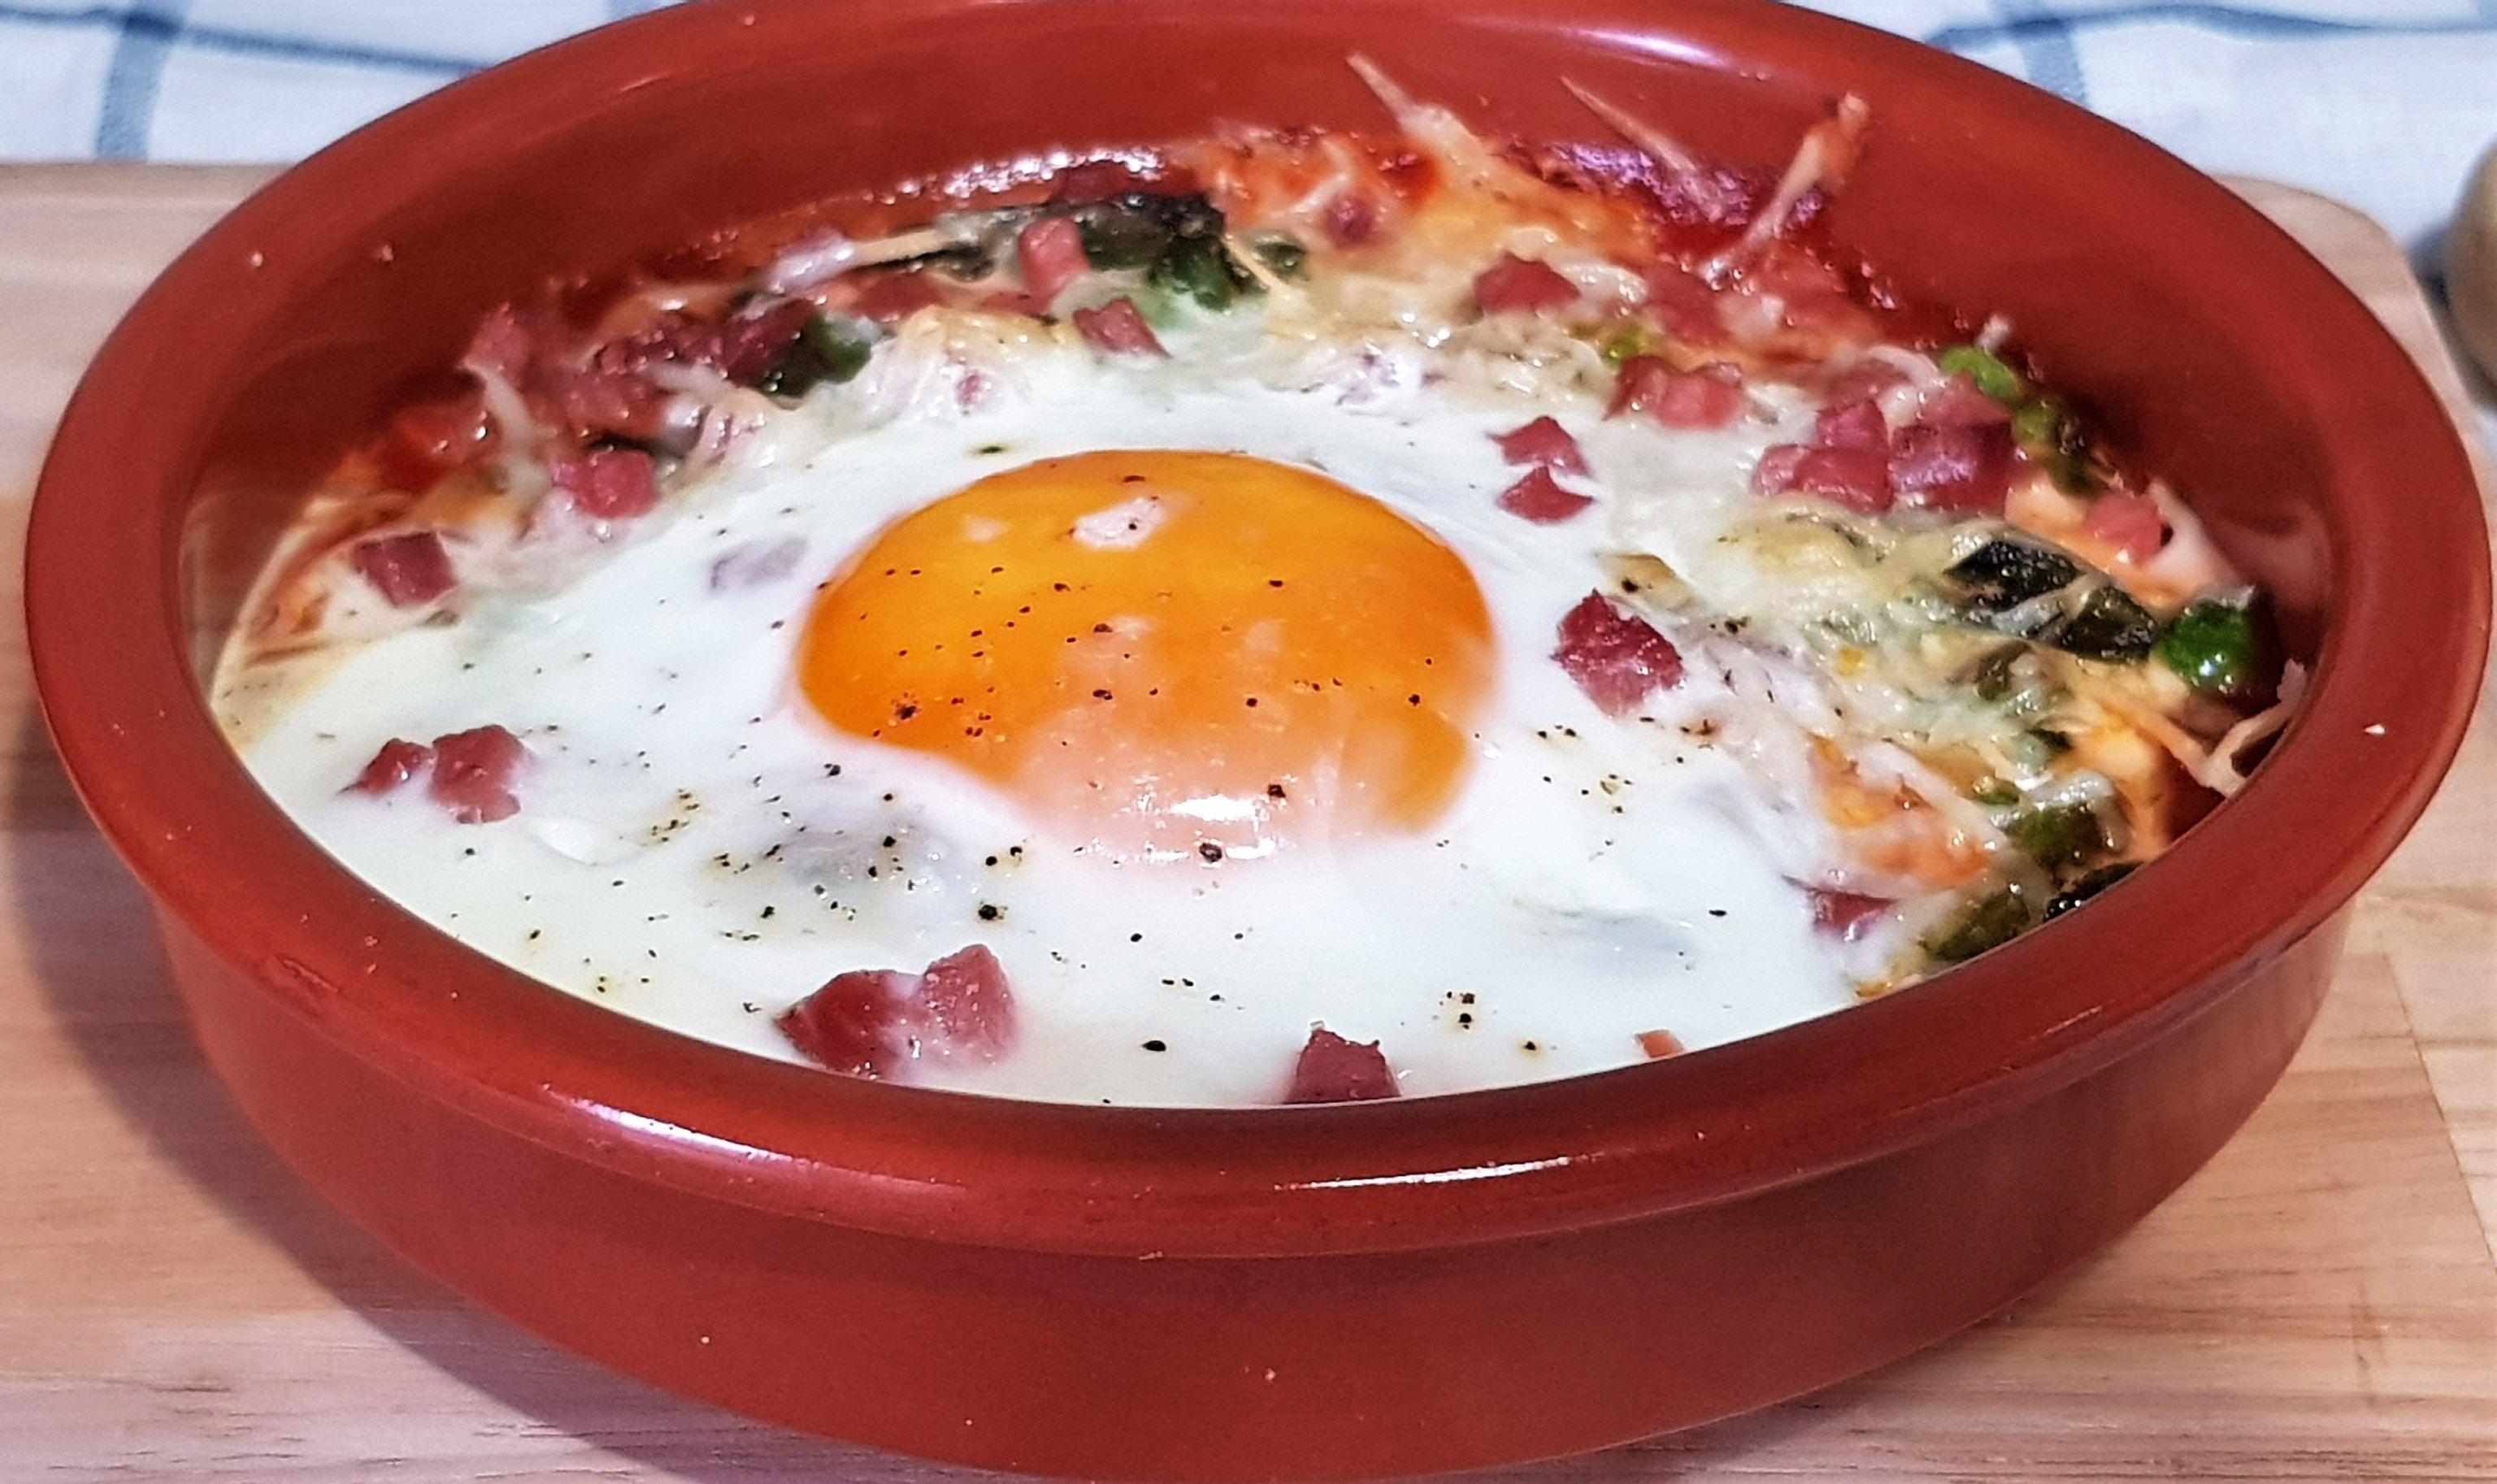 Huevos Al Plato Fácil Sencillo Y Rapido Yo Yo Misma Y Mis Cosas Huevos Al Plato Recetas De Comida Comida étnica